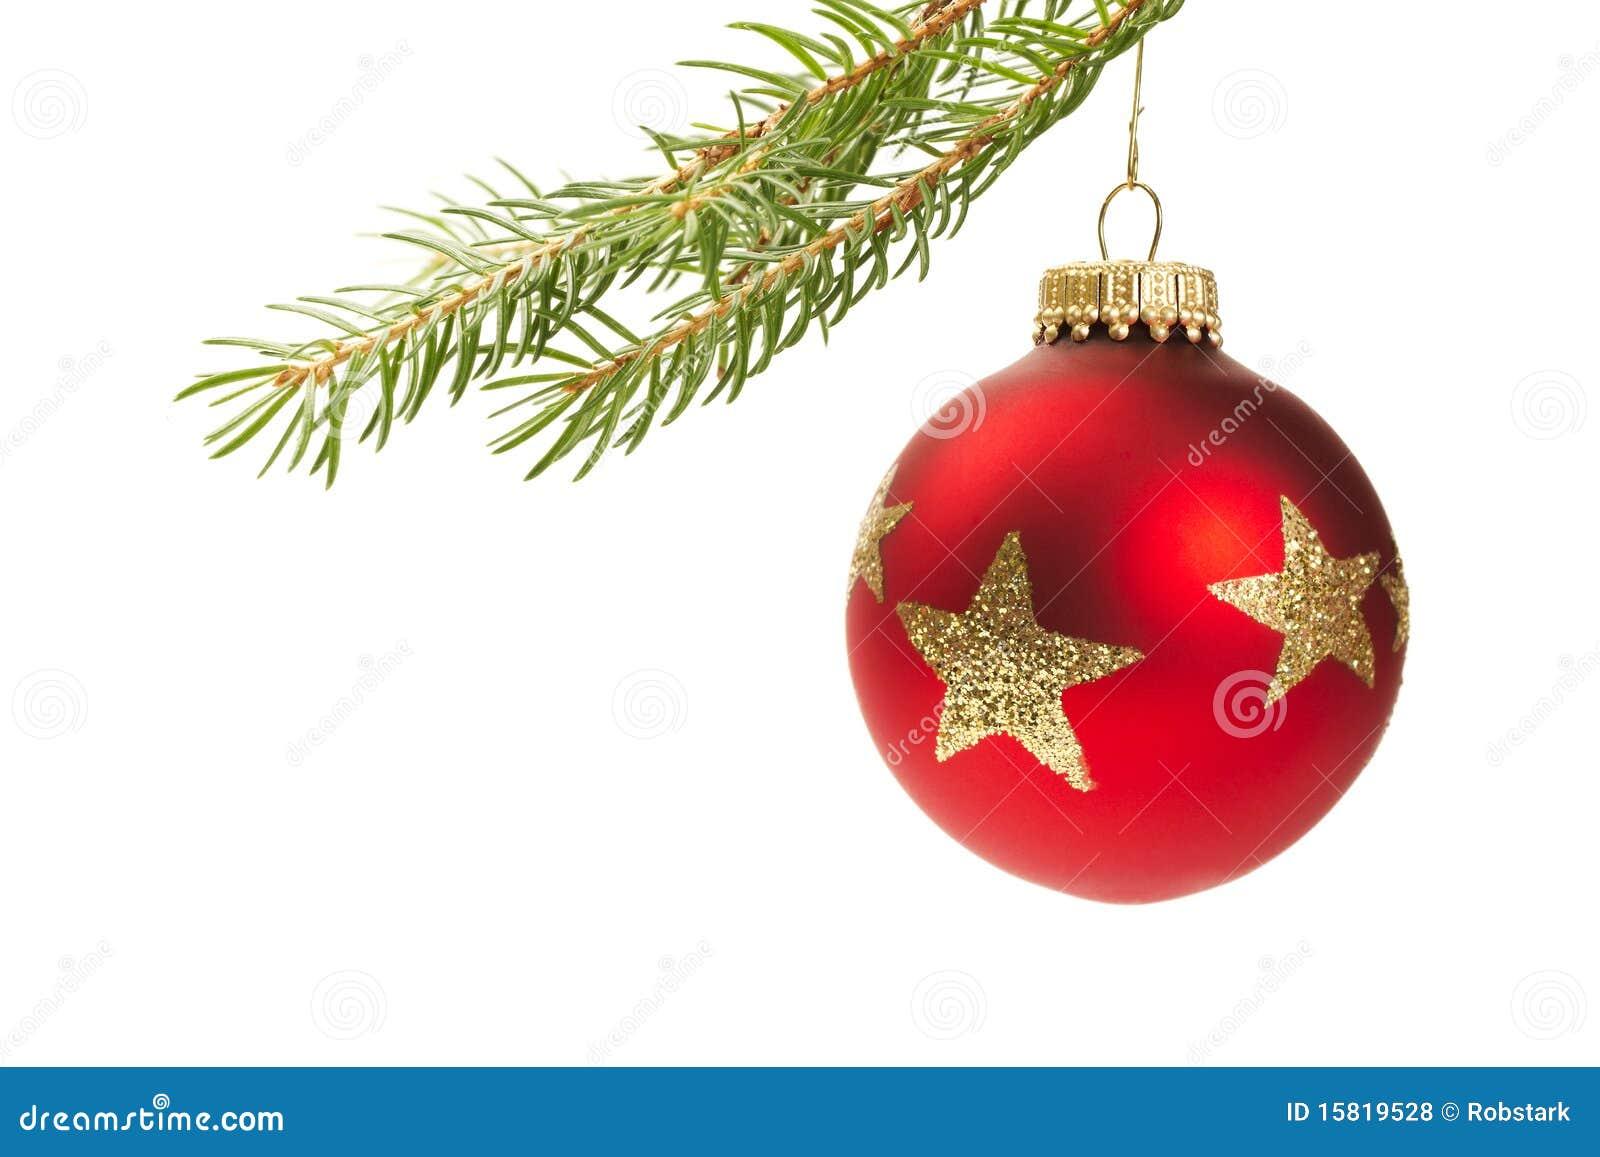 rote weihnachtskugel die an einem zweig h ngt stockfoto bild von weihnachten celebrate 15819528. Black Bedroom Furniture Sets. Home Design Ideas